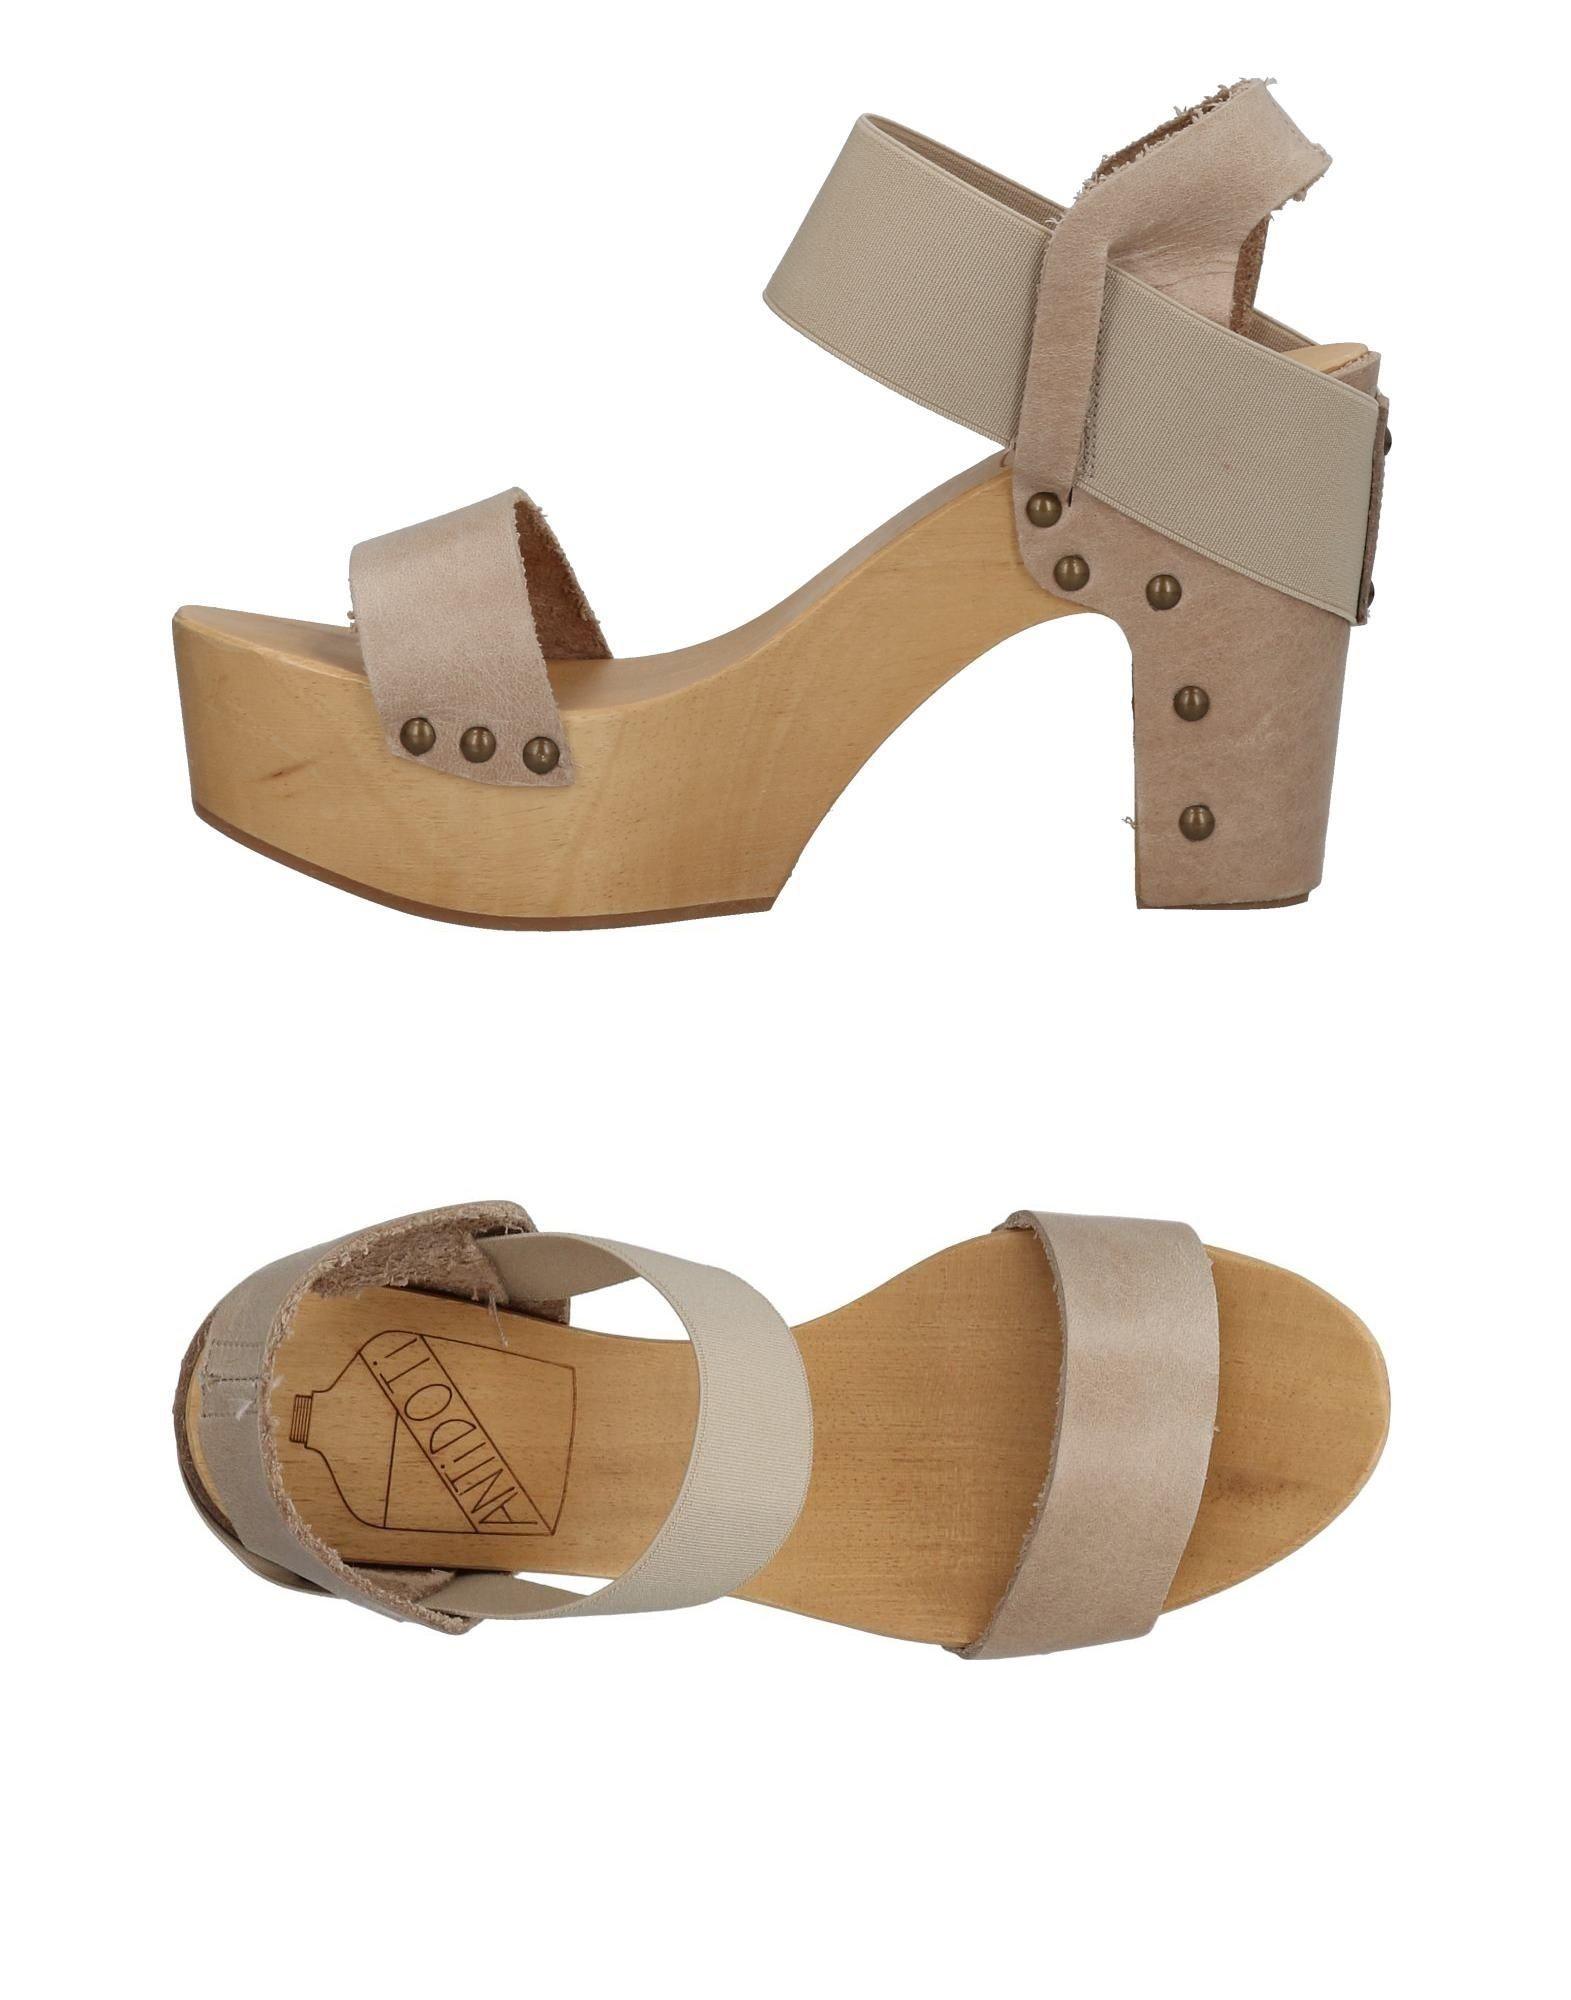 Sandales Antidoti Femme - Sandales Antidoti sur